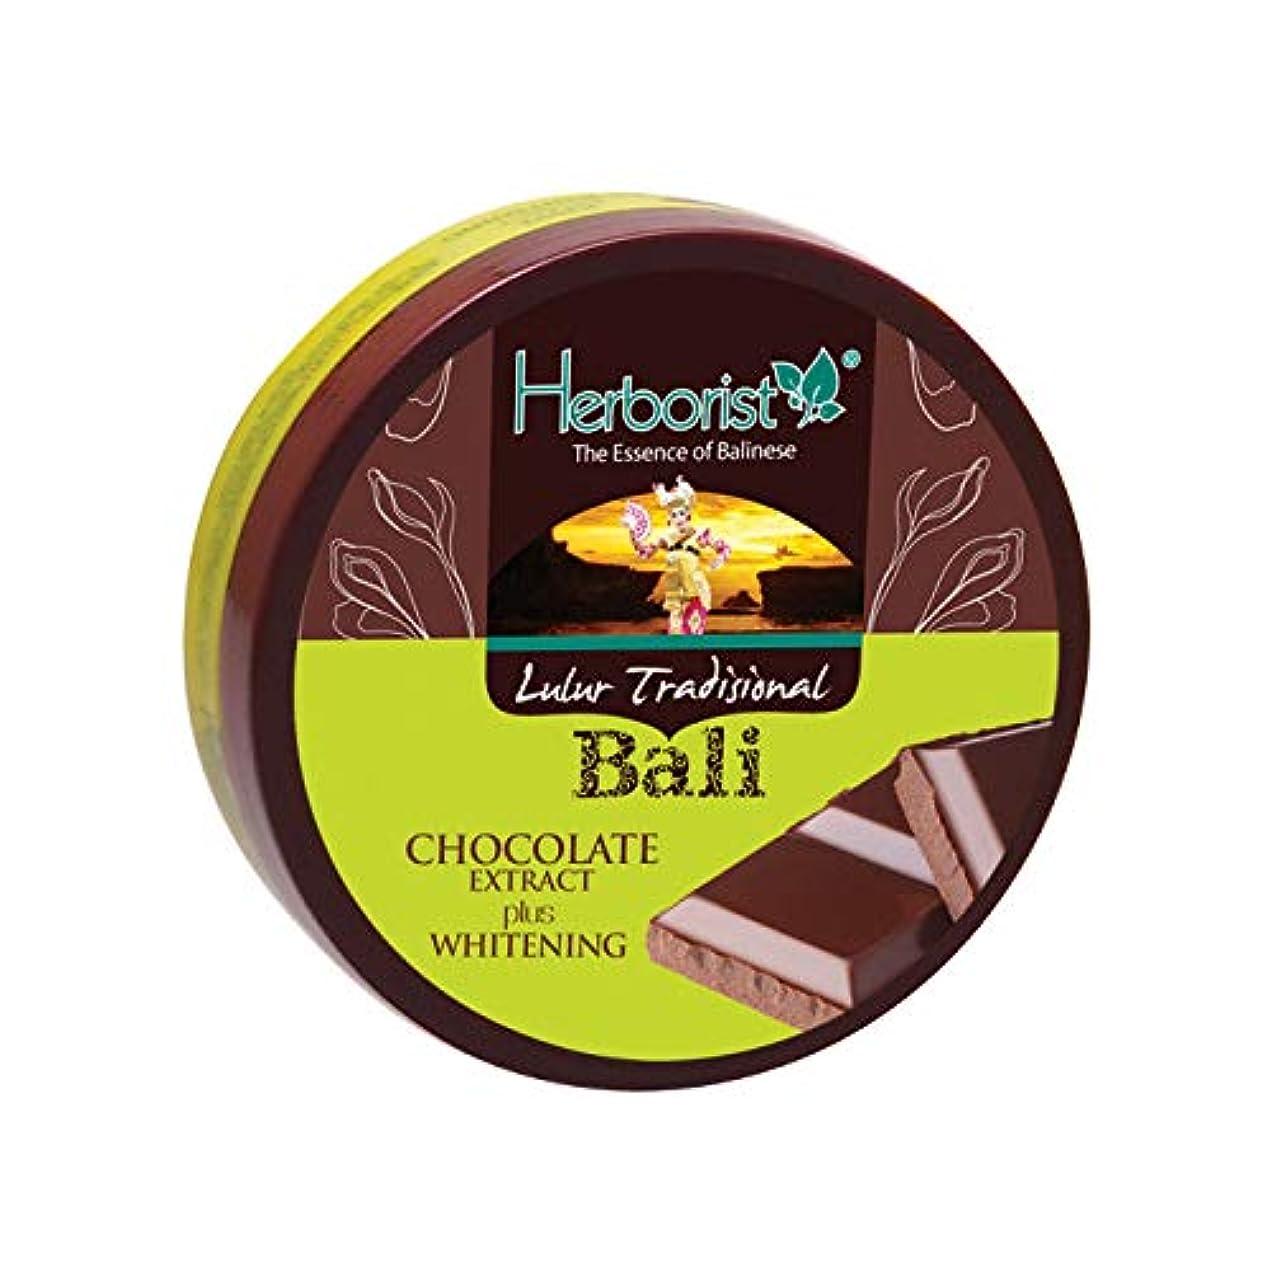 練習した保険をかけるシャークHerborist ハーボリスト インドネシアバリ島の伝統的なボディスクラブ Lulur Tradisional Bali ルルールトラディショナルバリ 100g Chocolate チョコレート [海外直送品]